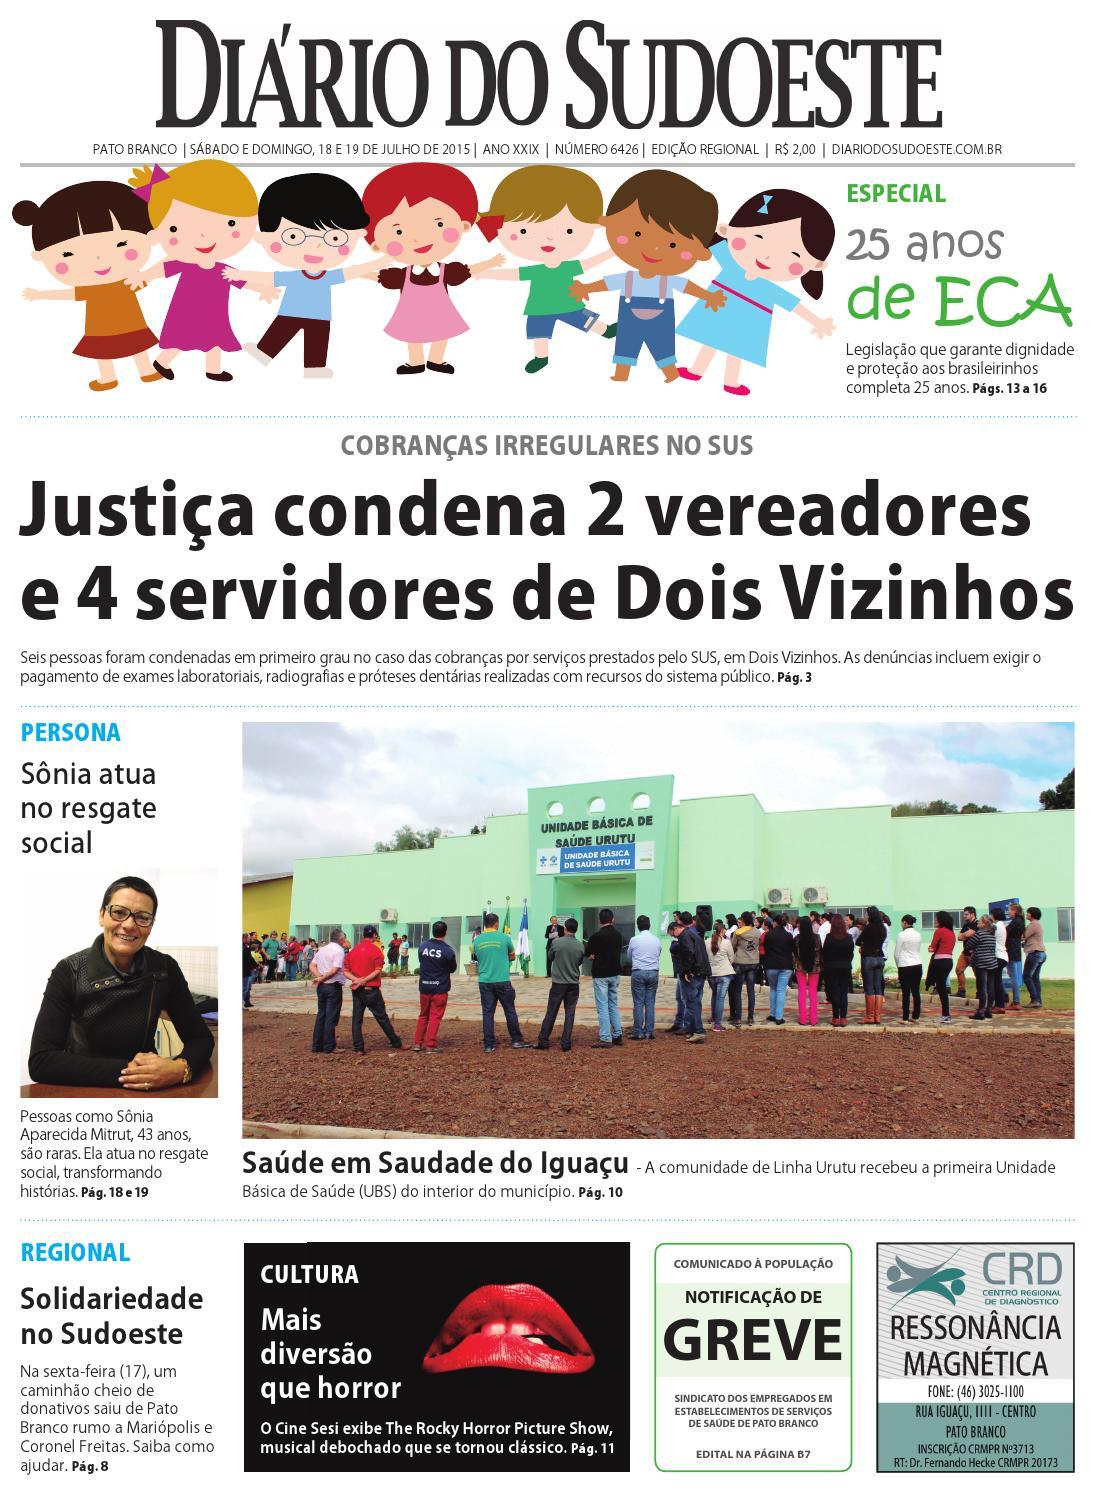 a87656aa21 Diário do sudoeste 18 e 19 de julho de 2015 ed 6426 by Diário do Sudoeste -  issuu